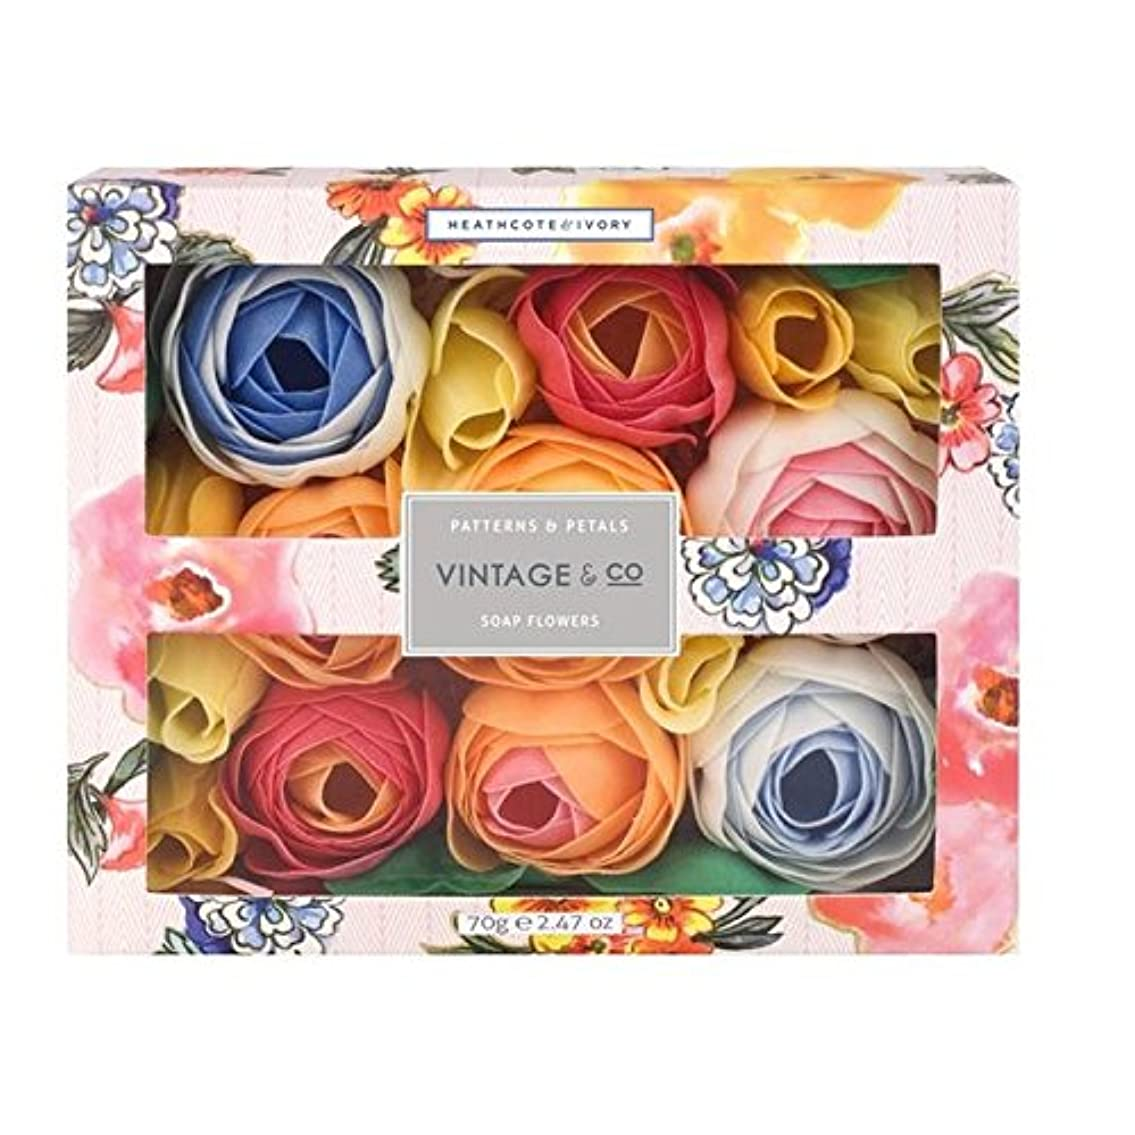 対応セクタ予報Heathcote & Ivory Patterns & Petals Soap Flowers 70g (Pack of 6) - ヒースコート&アイボリーパターン&花びら石鹸の花70グラム x6 [並行輸入品]